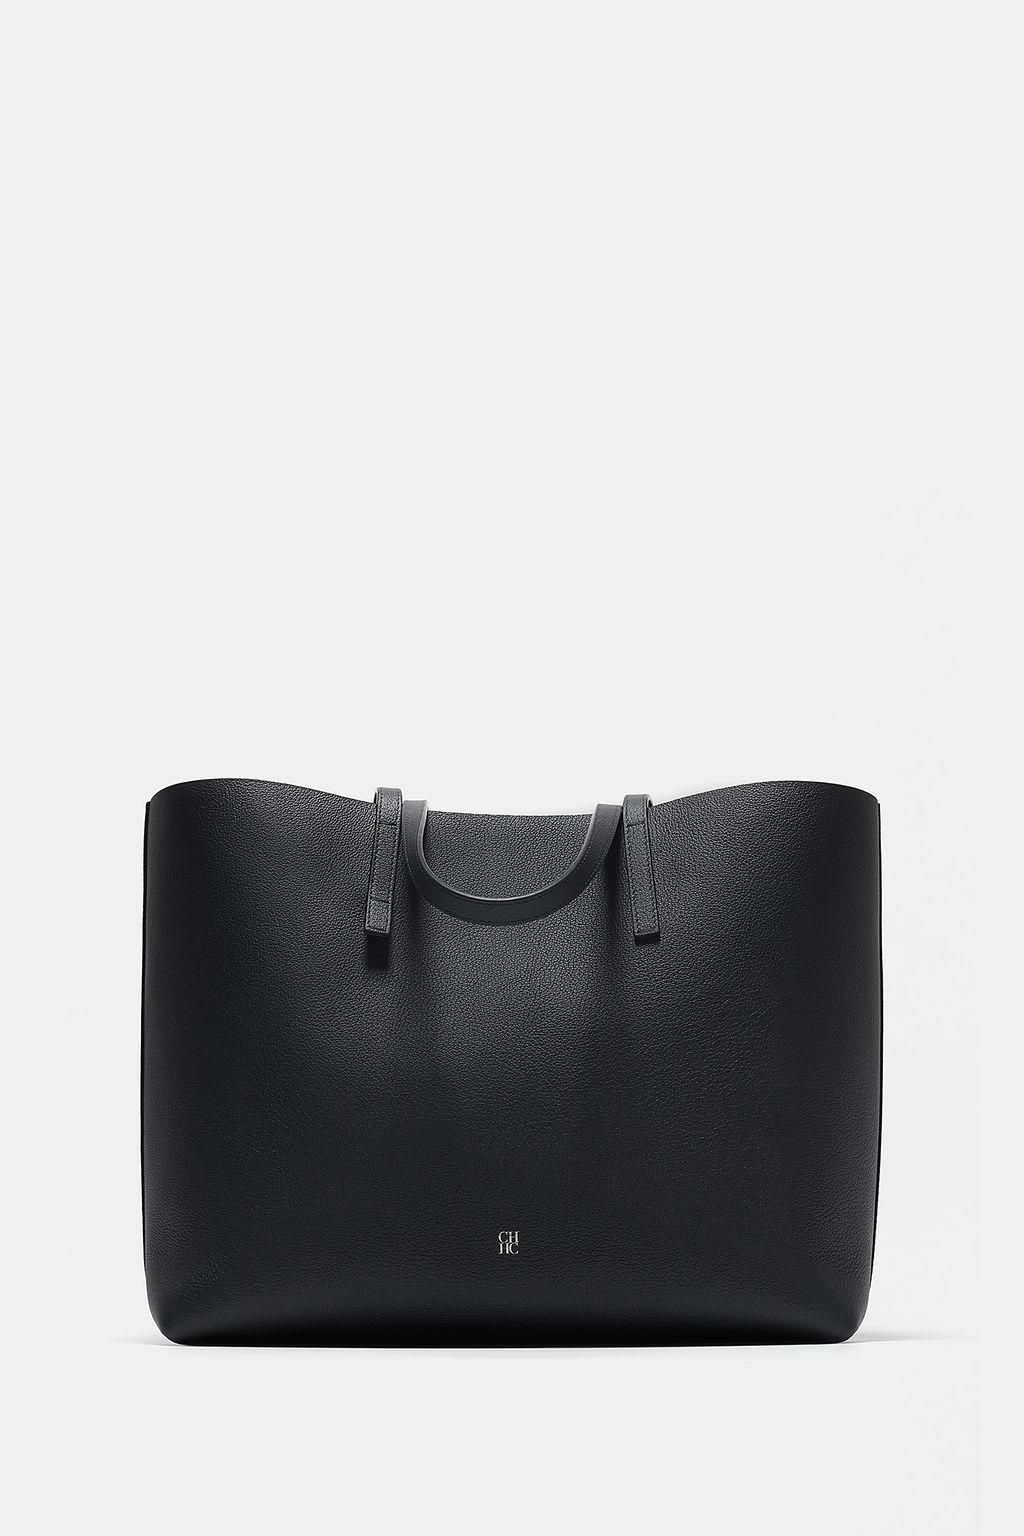 Shopping | Large shoulder bag